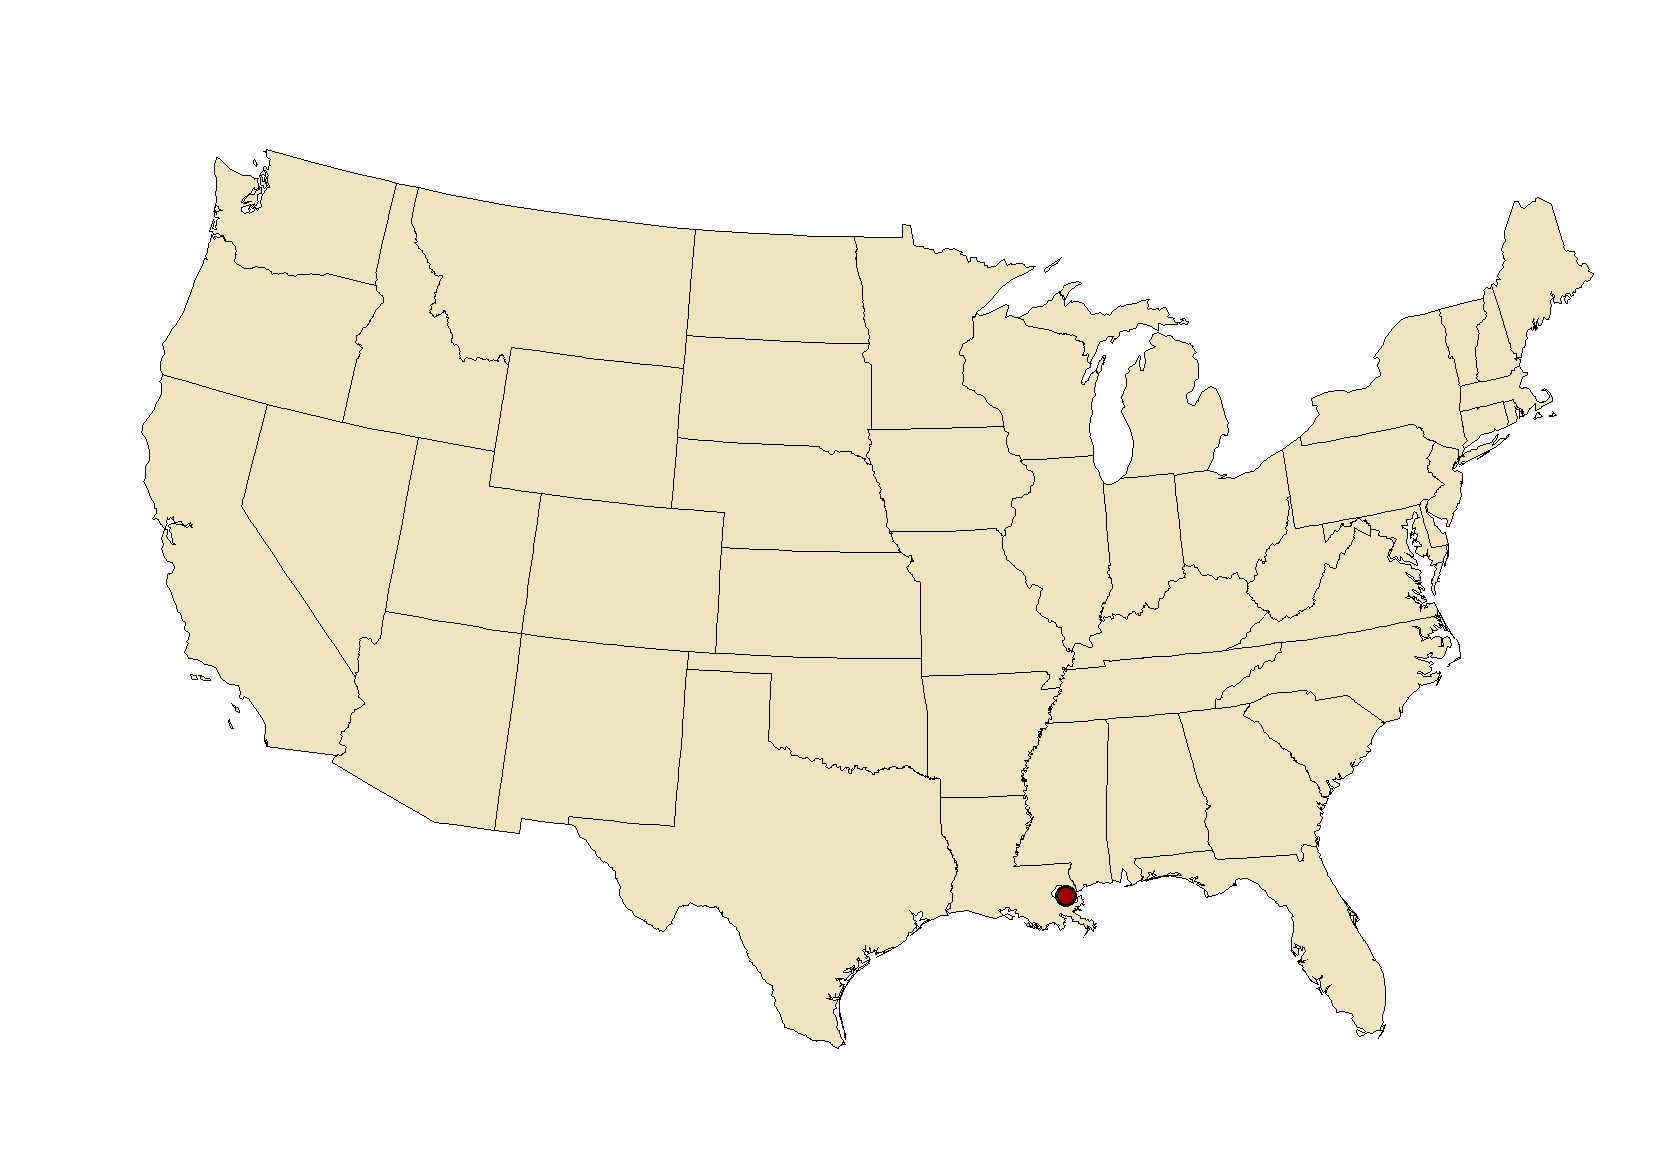 FileNeworleansmapjpg Wikimedia Commons - New orleans on a us map